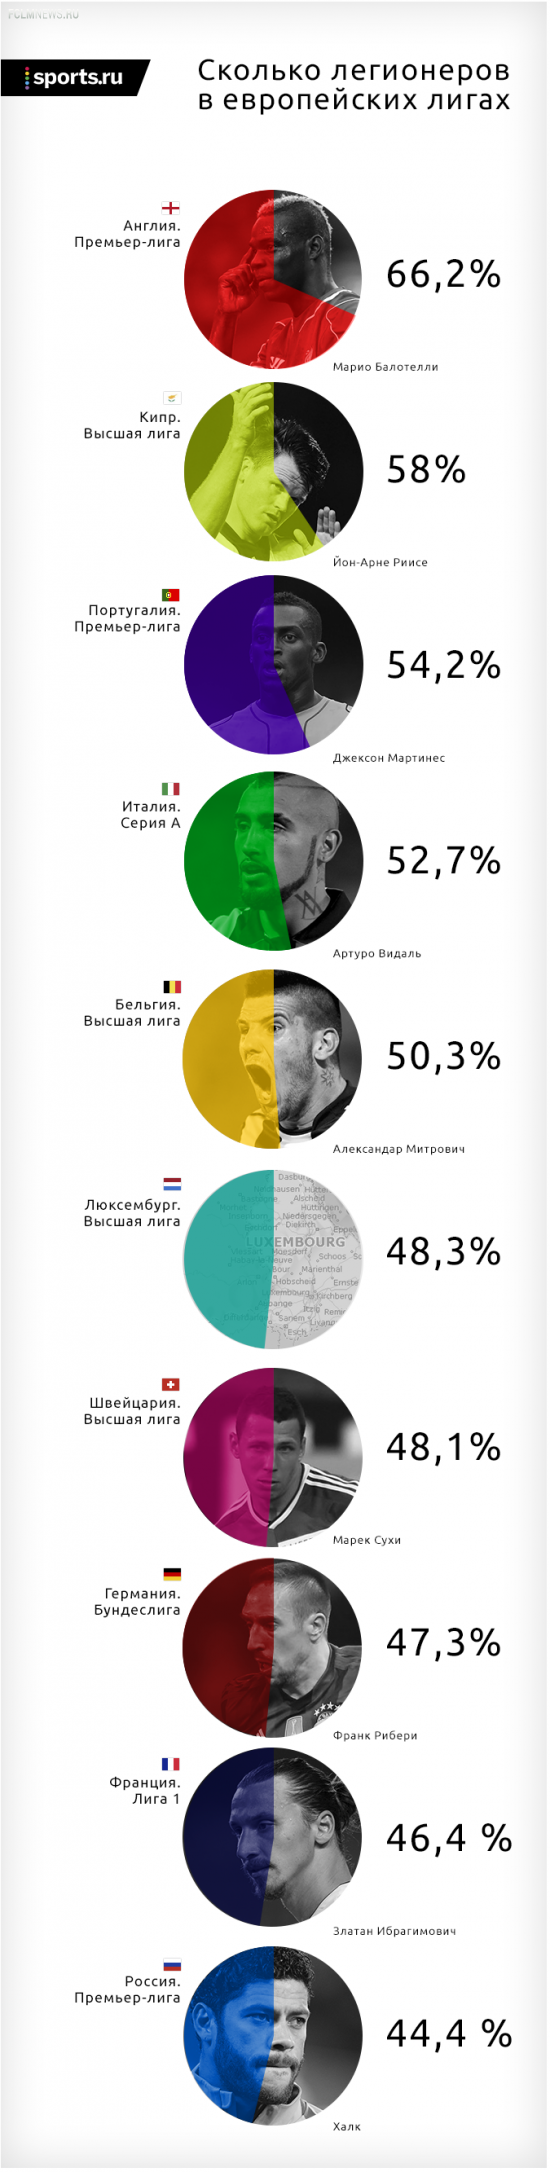 В каких европейских лигах больше всего легионеров?